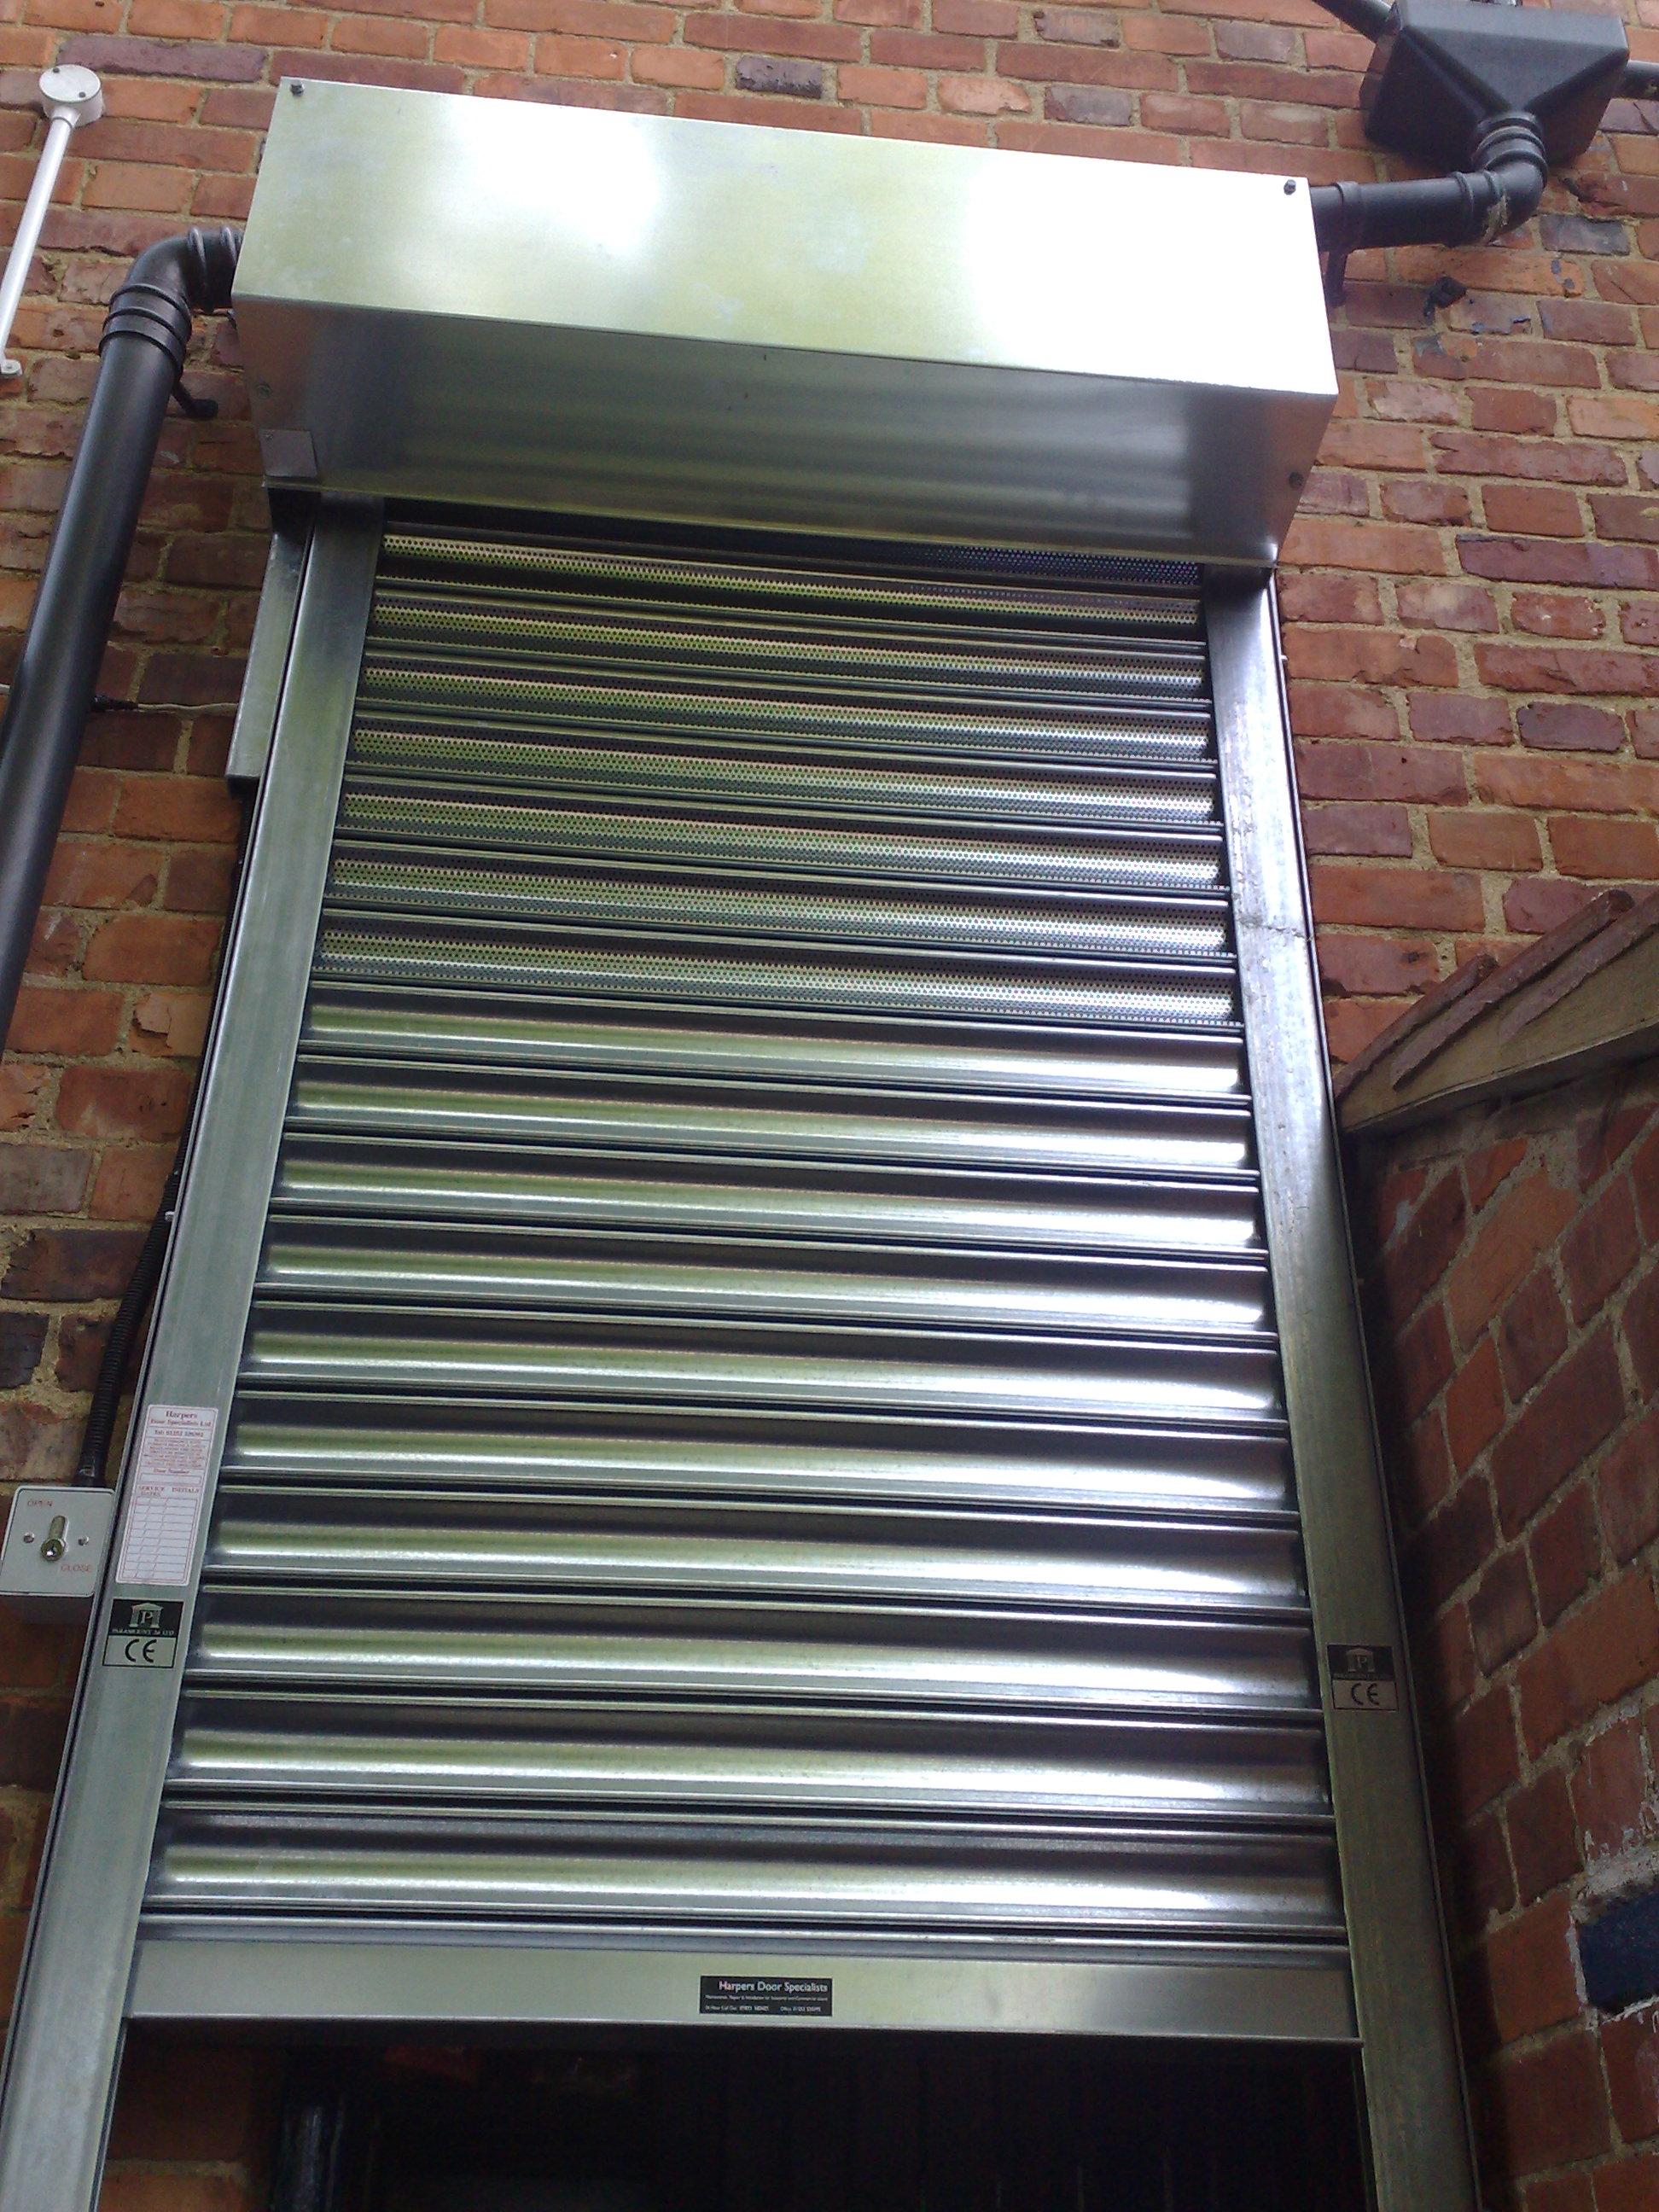 Steel security shutter over a door.